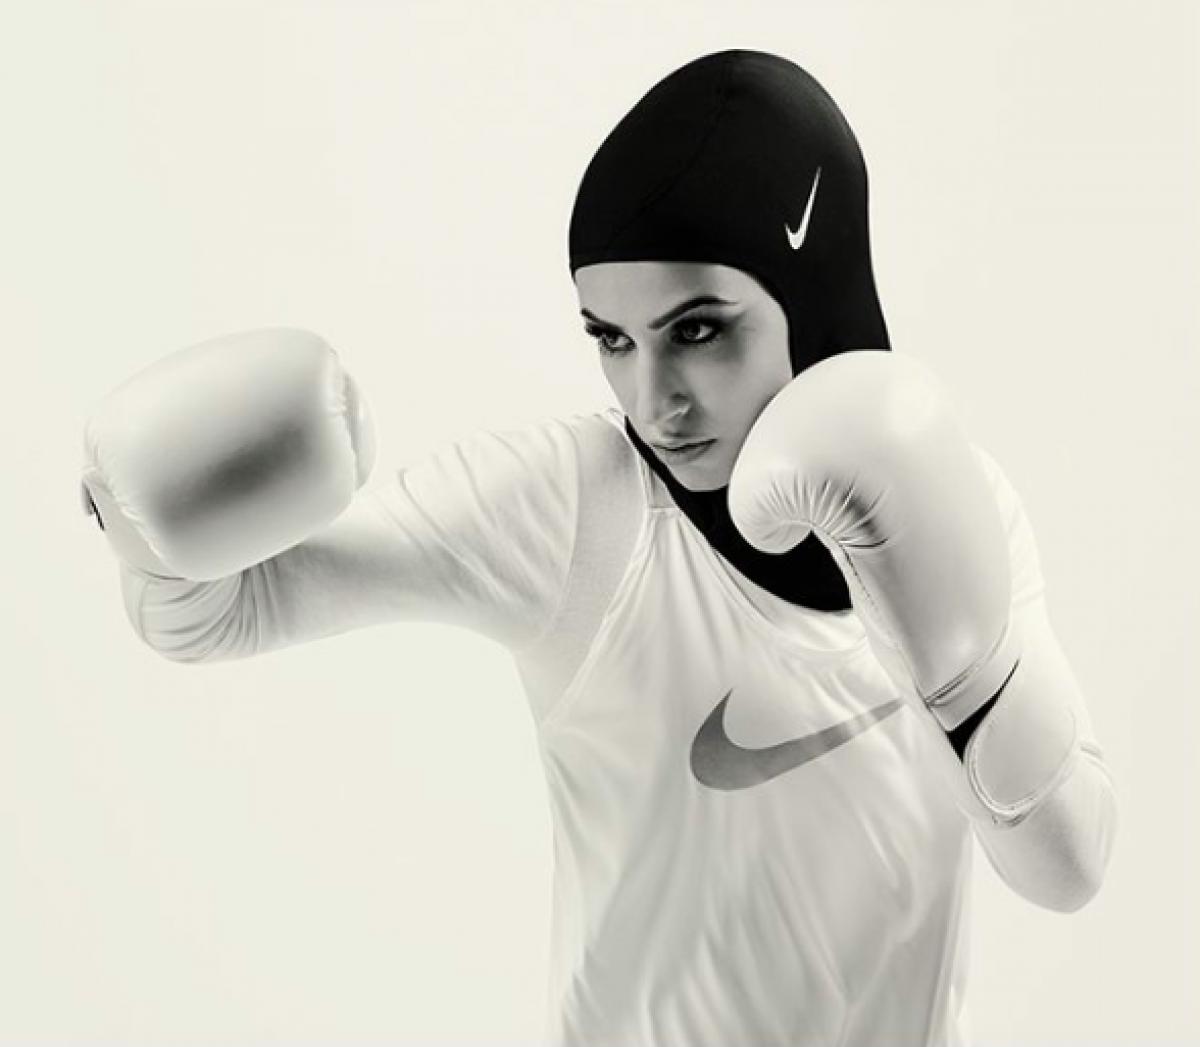 Первый в мире спортивный хиджаб появится на полках магазинов